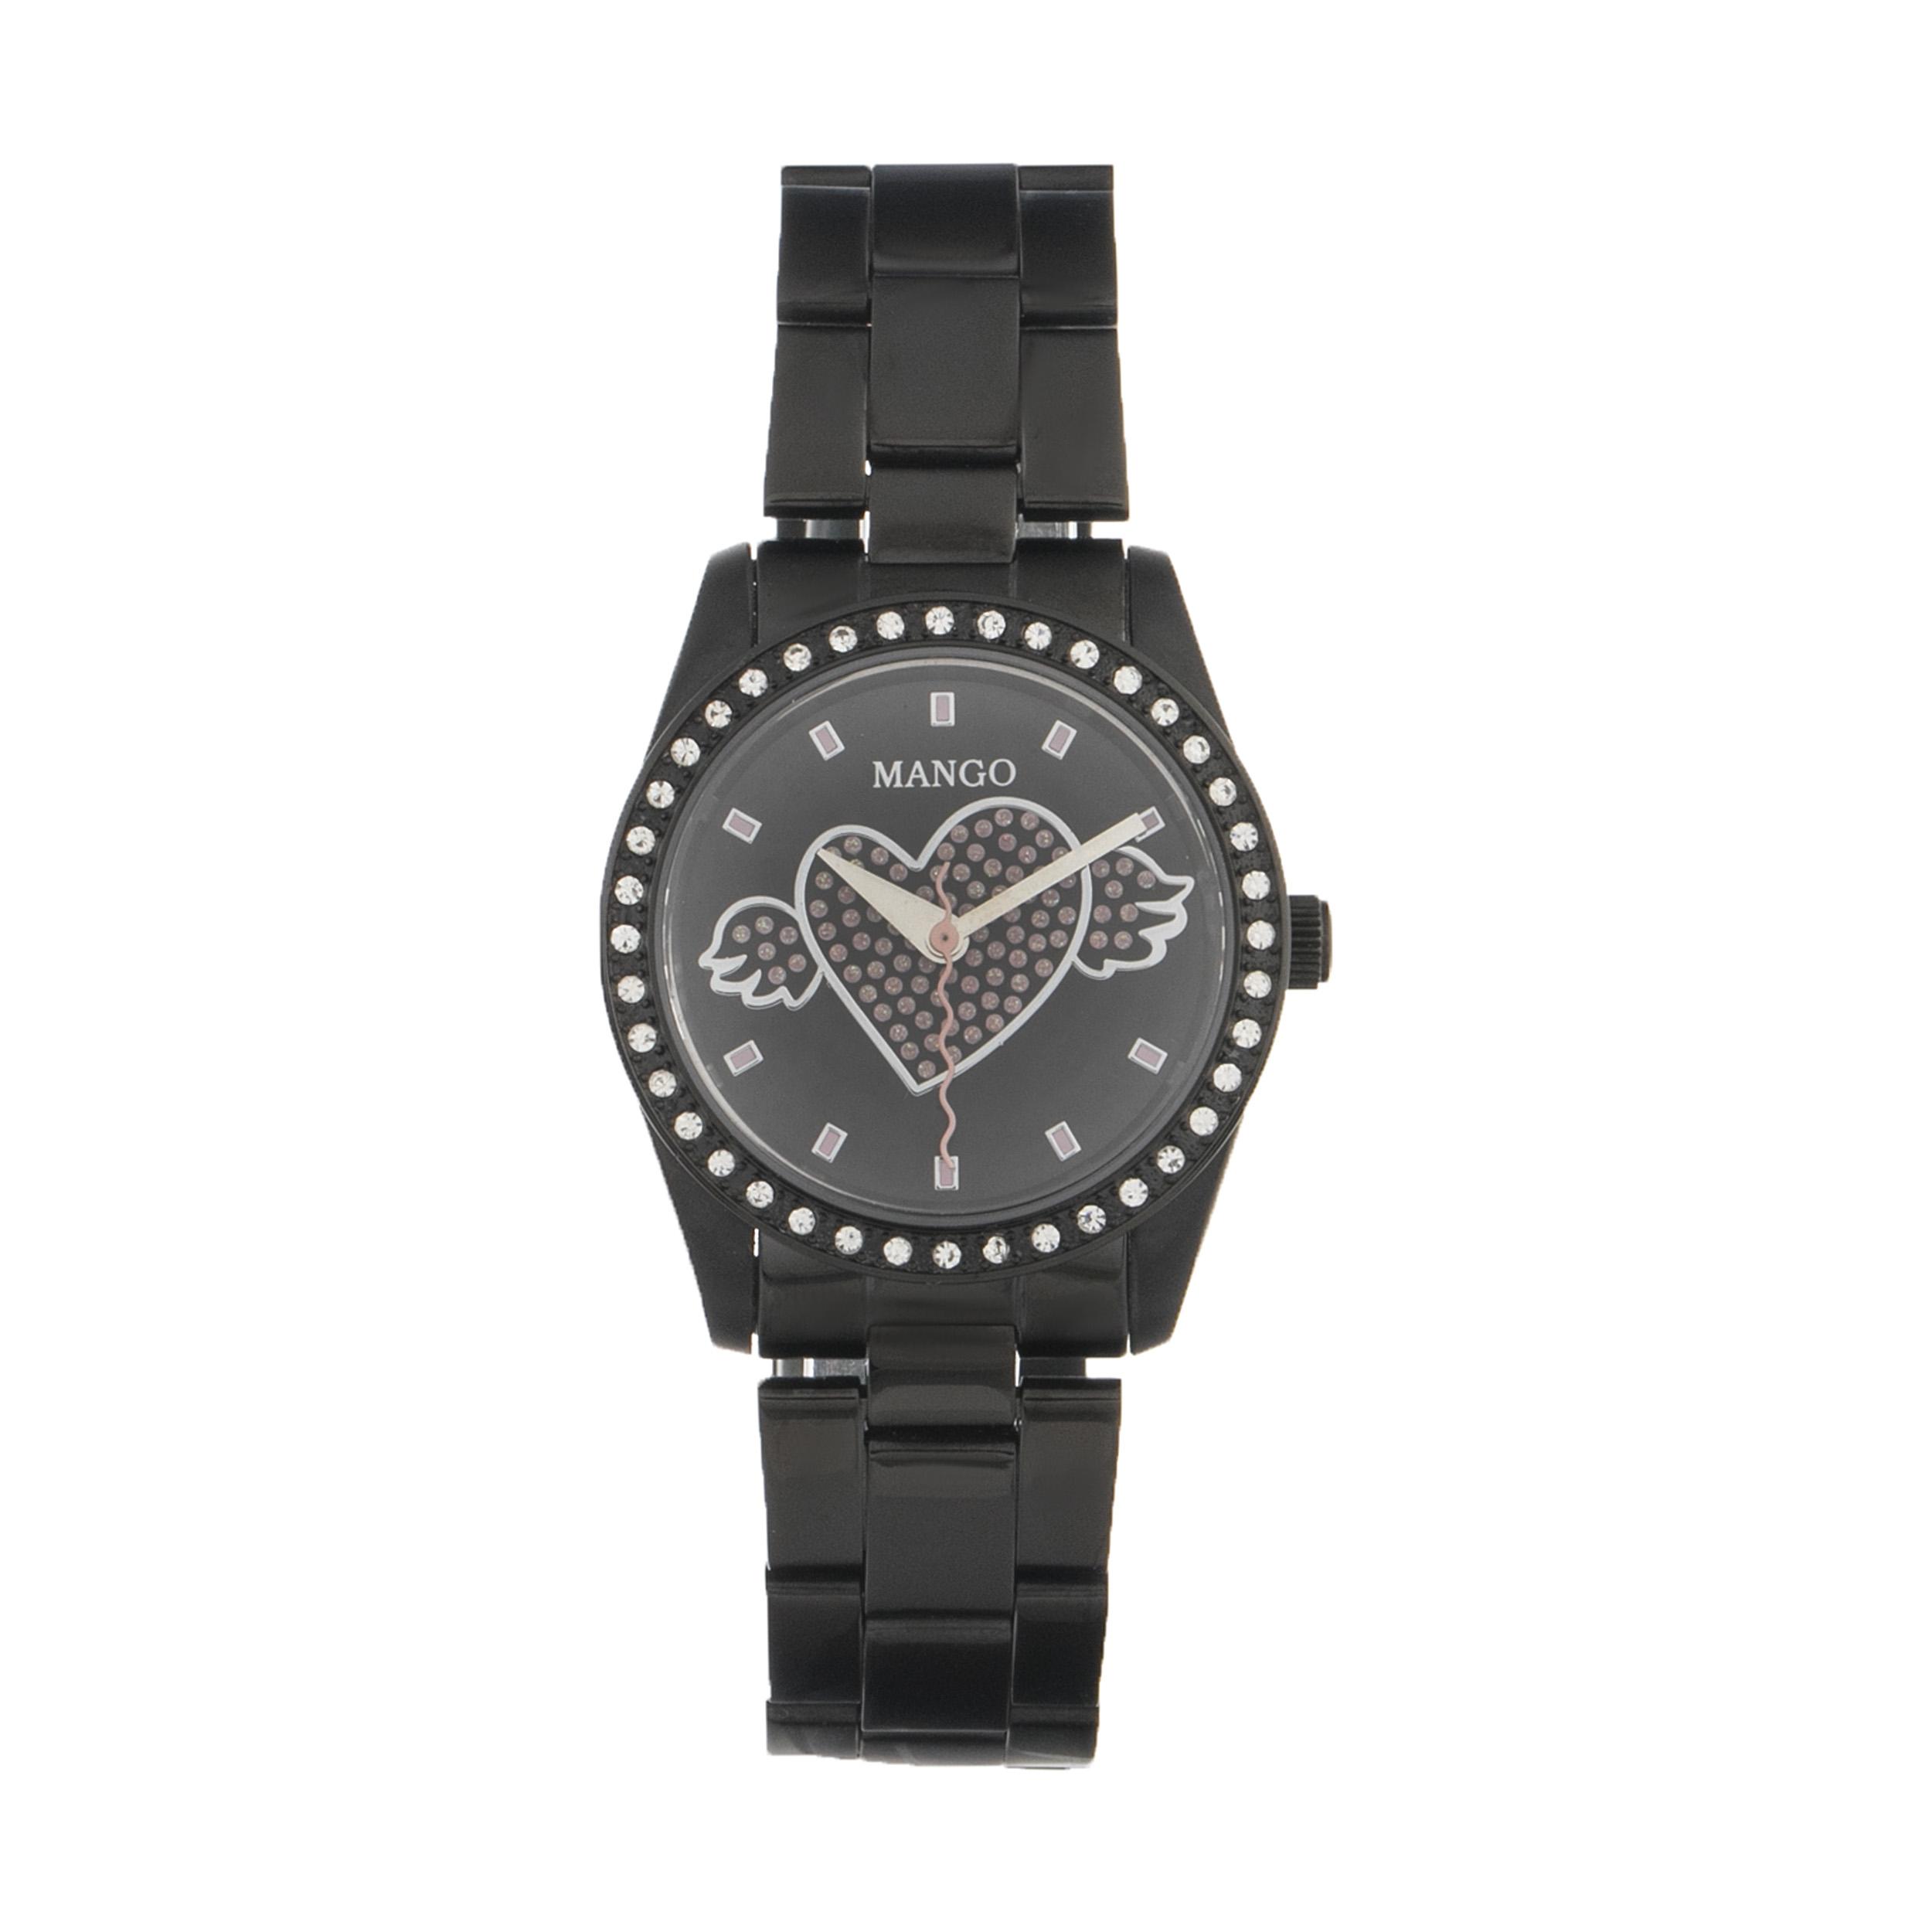 خرید ساعت مچی عقربه ای زنانه مدل MA6398L-88B